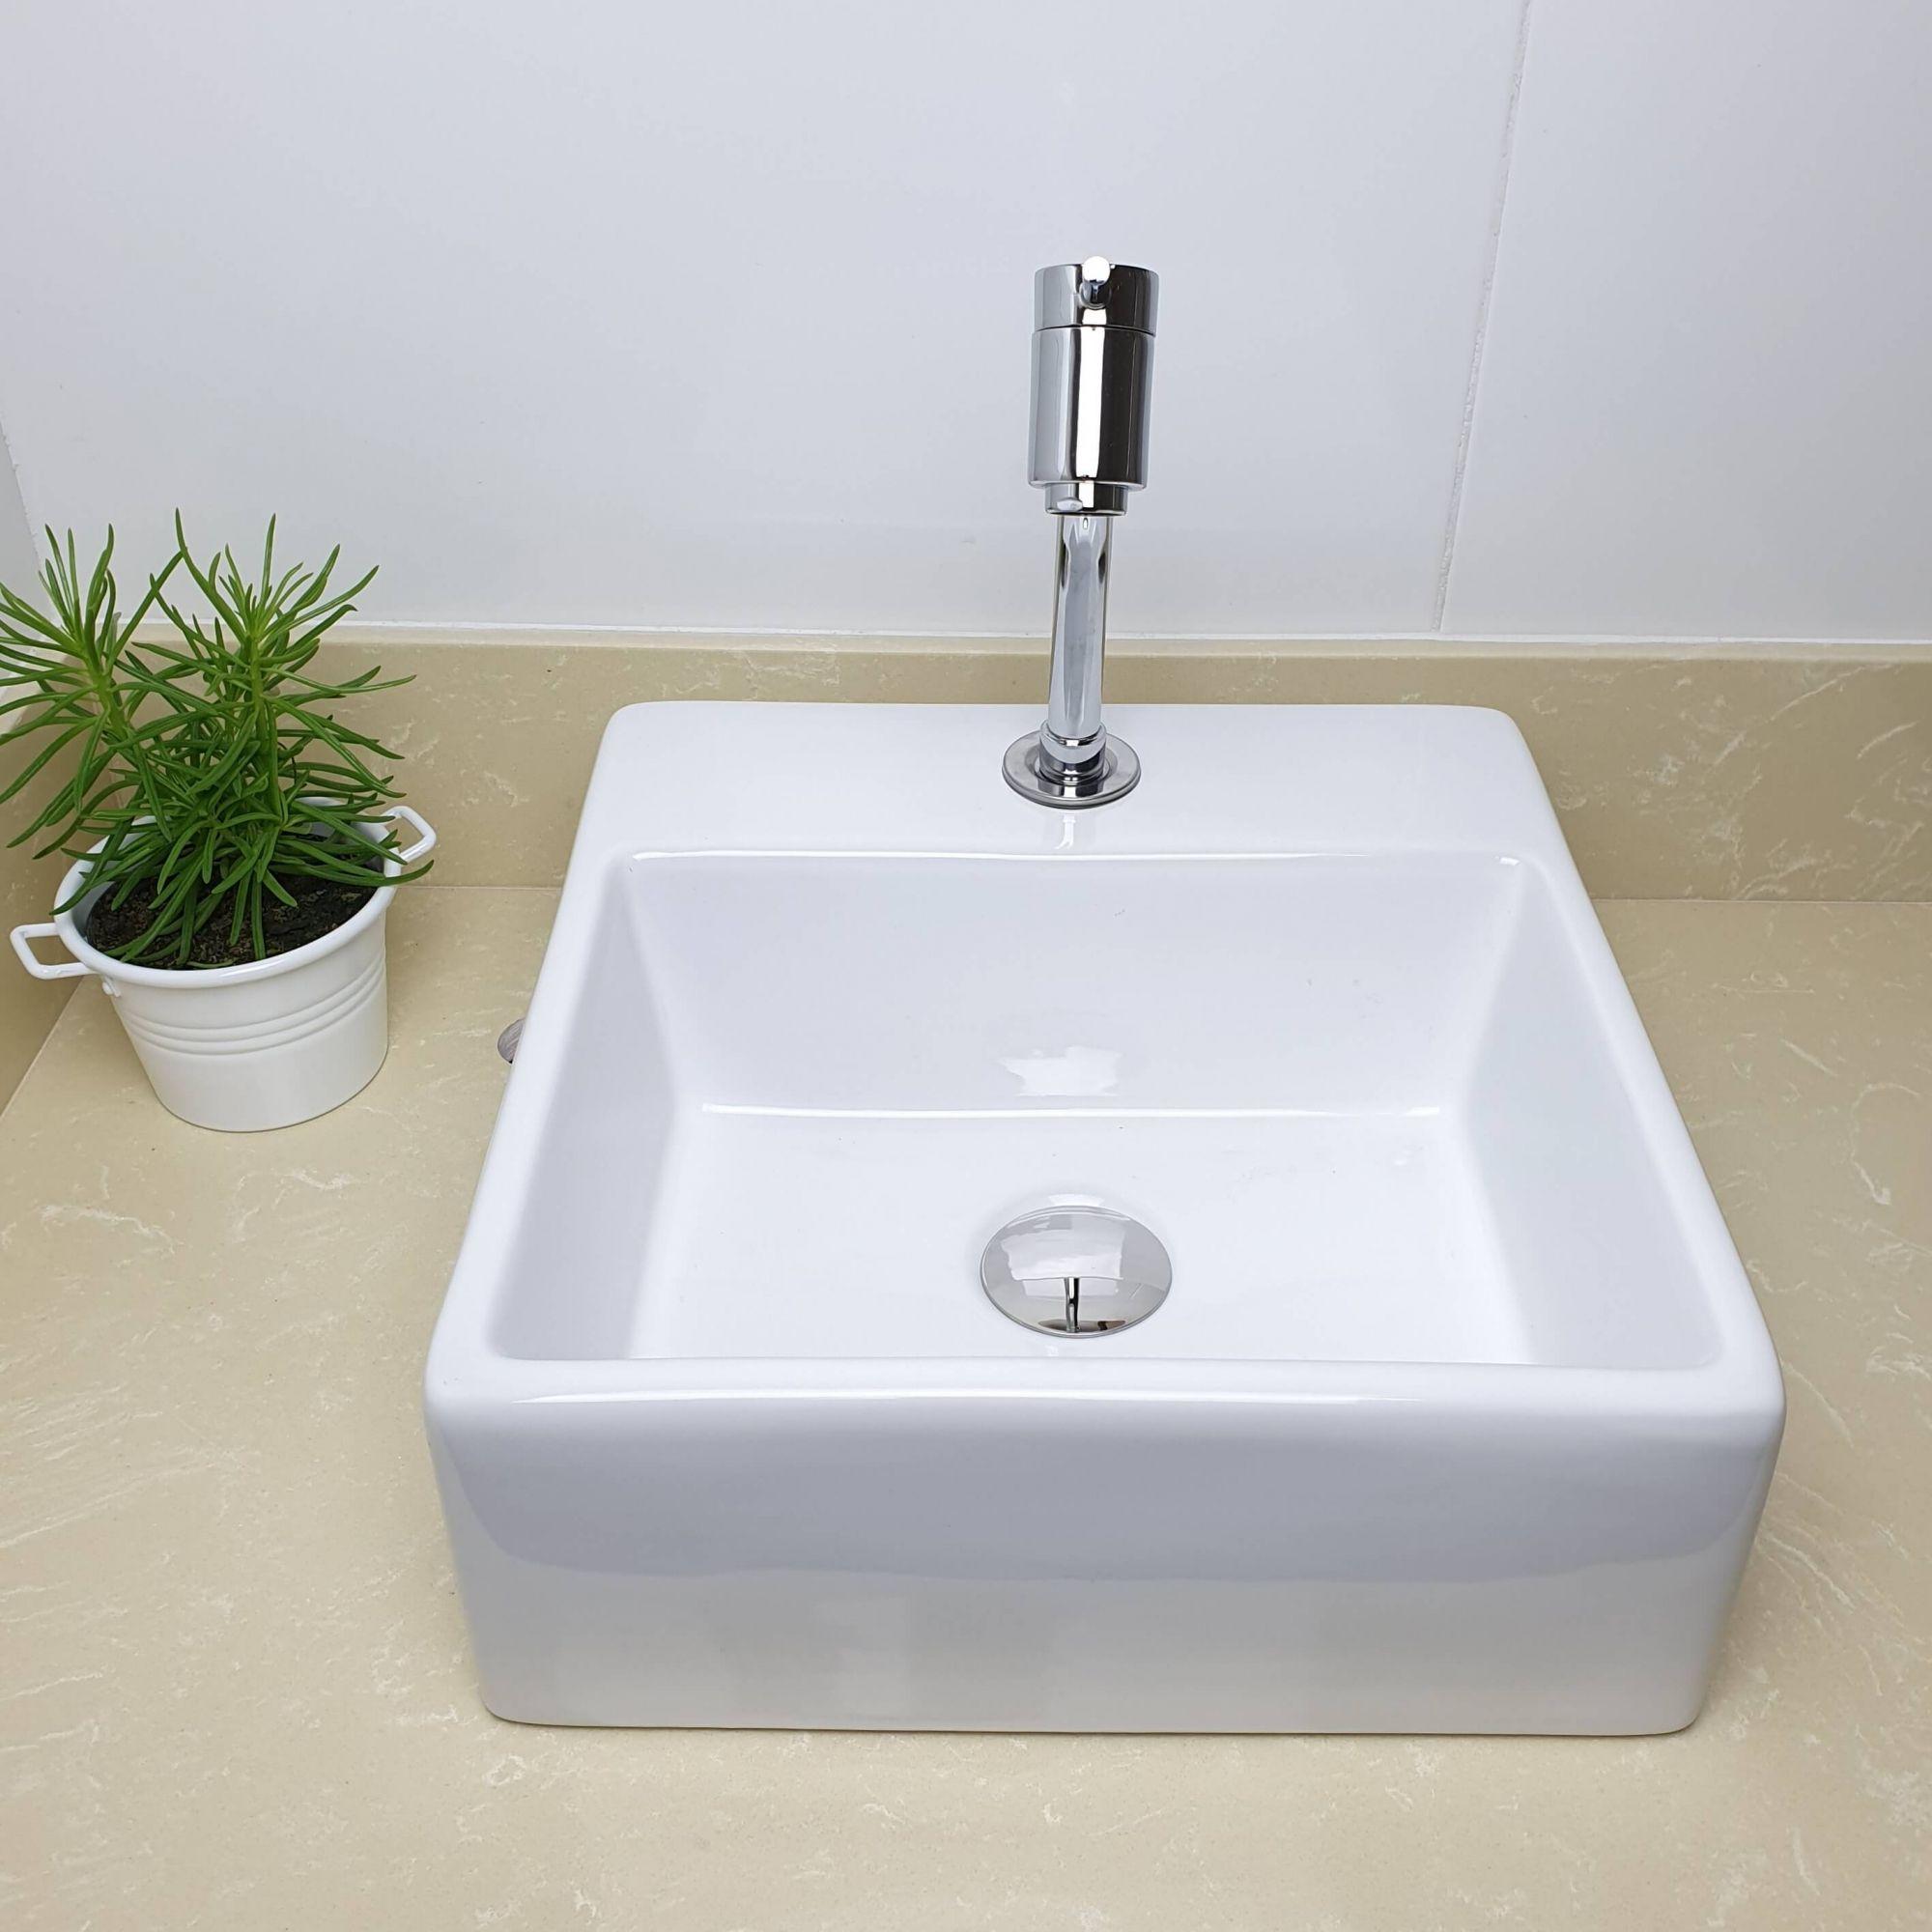 Cuba Banheiro Apoio Quadrada 35x35cm com Torneira Bica Baixa,  Válvula Click  Sifão e Flexível  - DOTEC SHOP